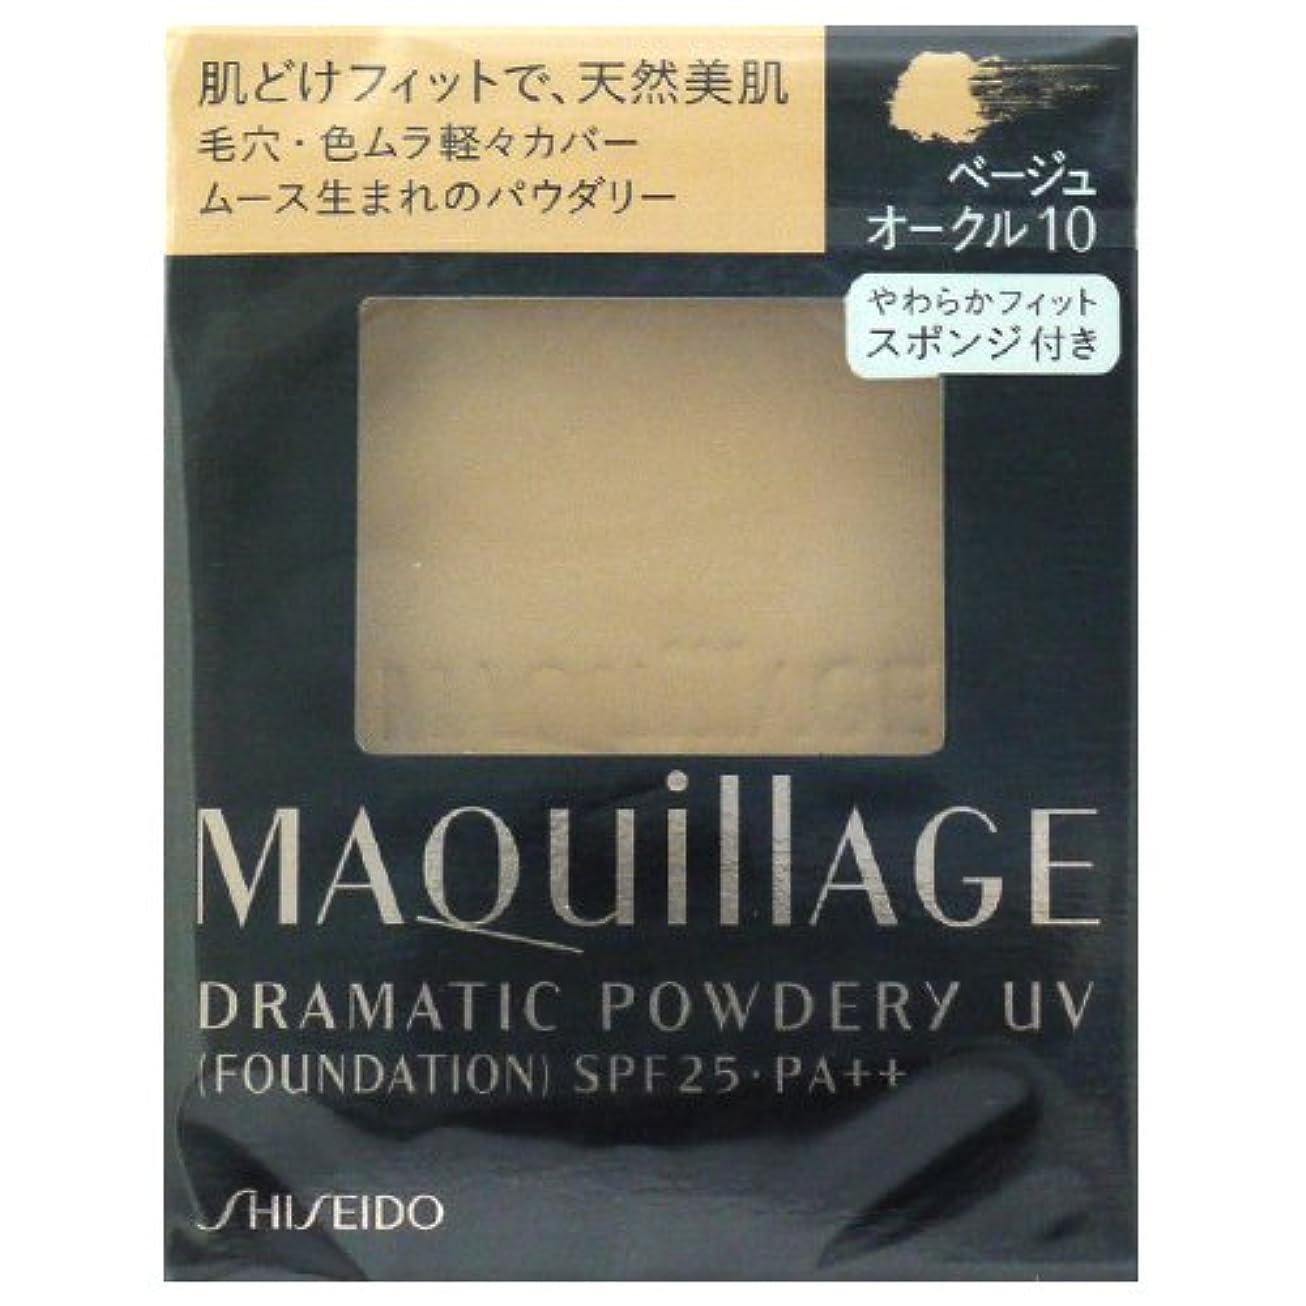 資生堂 マキアージュ ドラマティックパウダリー UV SPF25?PA++ 【詰め替え用】 BO20 [並行輸入品]